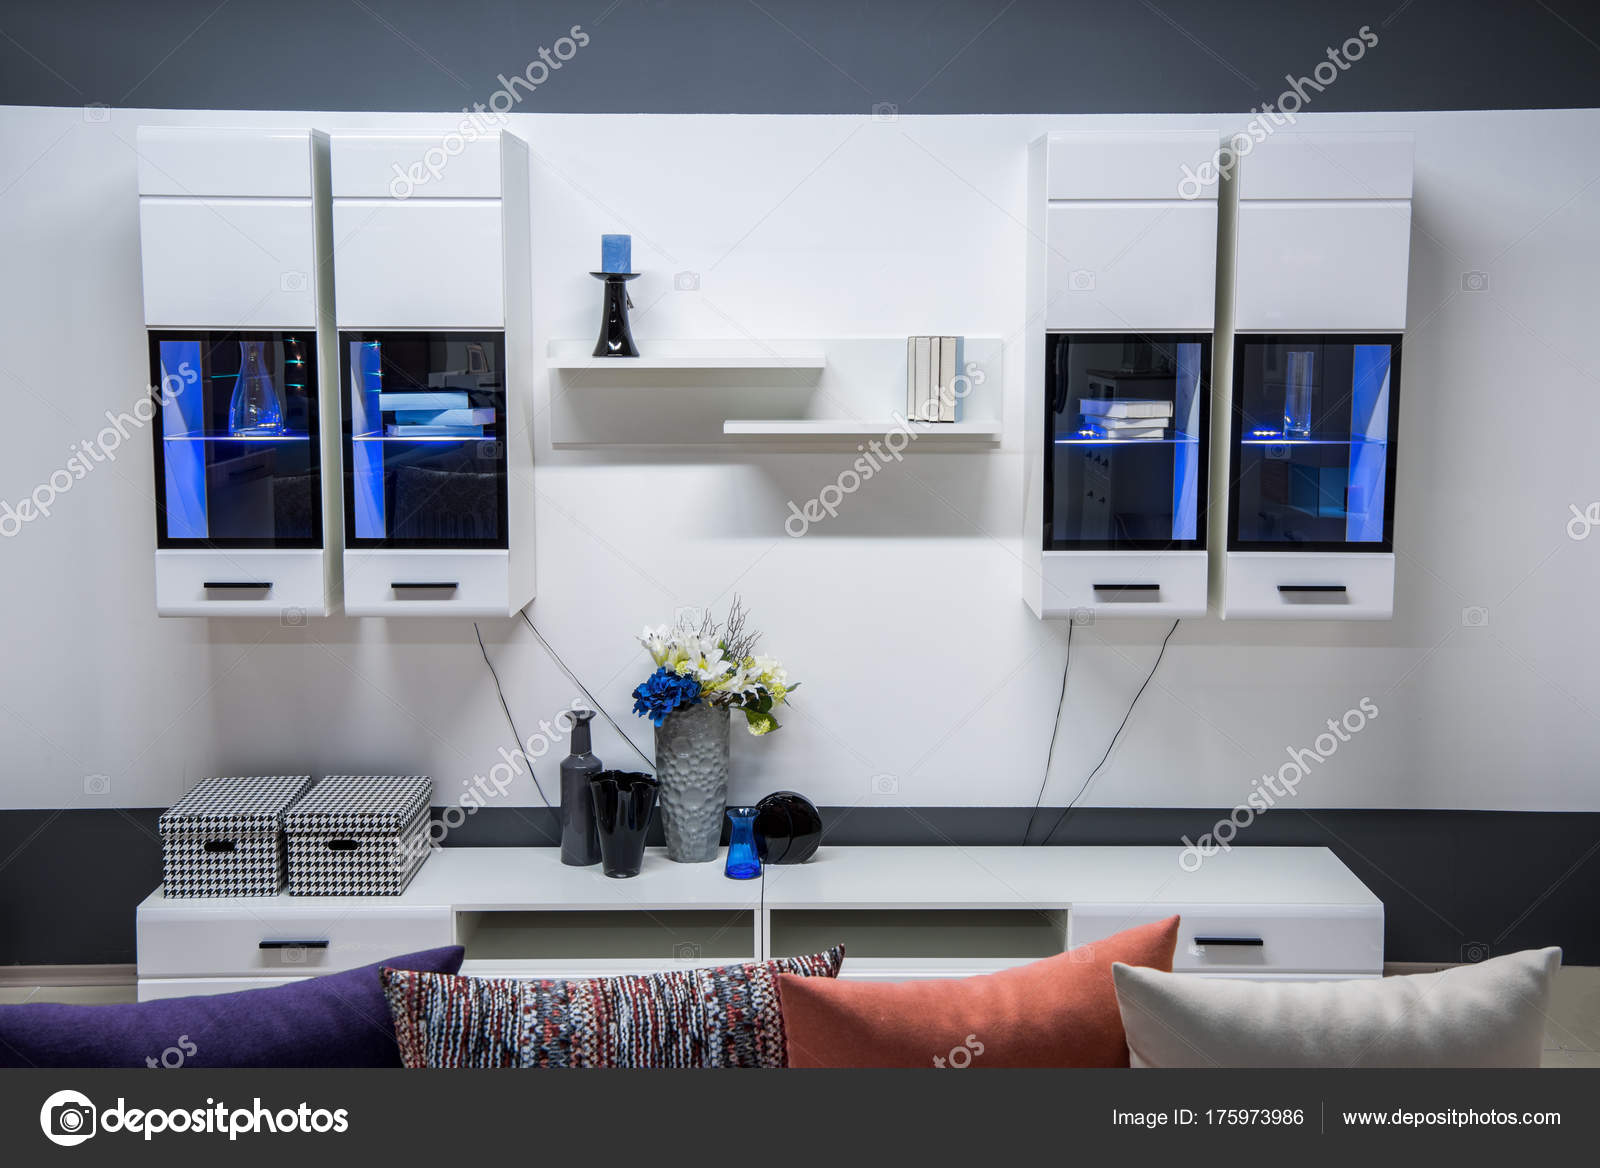 Kasten Woonkamer Interieur : Moderne woonkamer interieur met kast opbergruimte u stockfoto